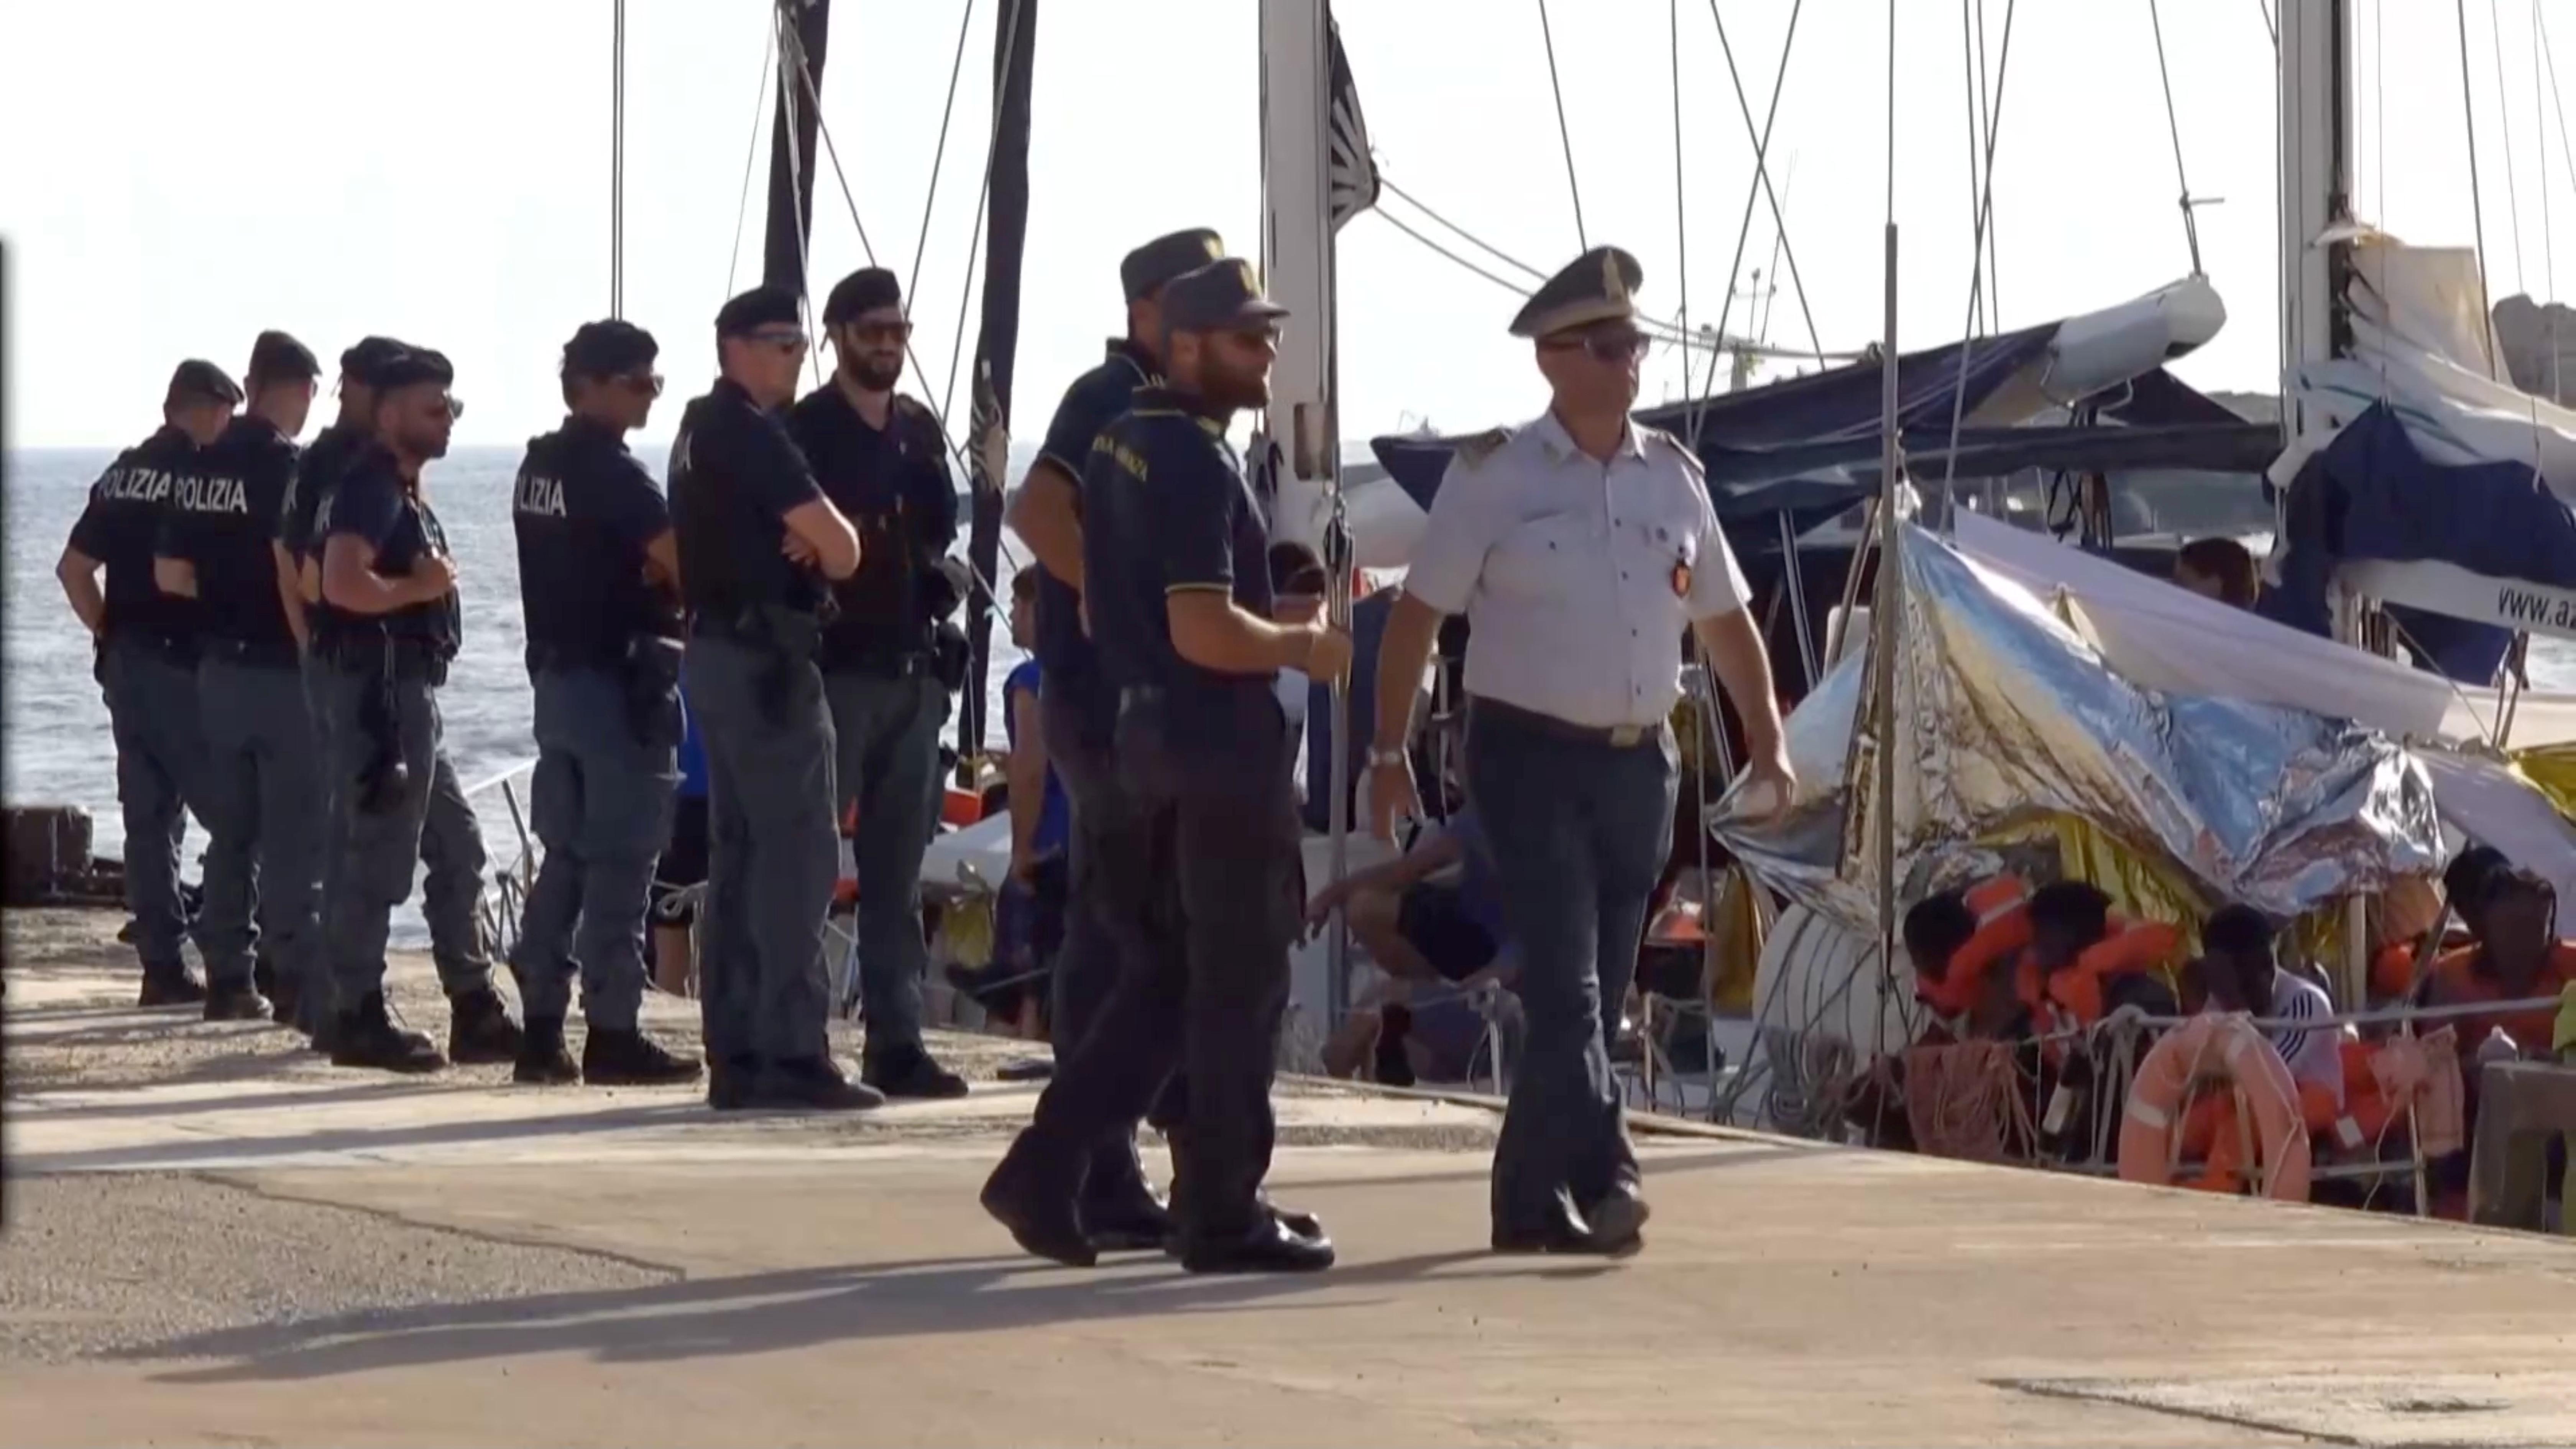 """Ιταλία: Σοκάρει ο Έλληνας διασώστης που """"έδεσε"""" με το πλοίο Άλεξ στην Λαμπεντούζα – video"""